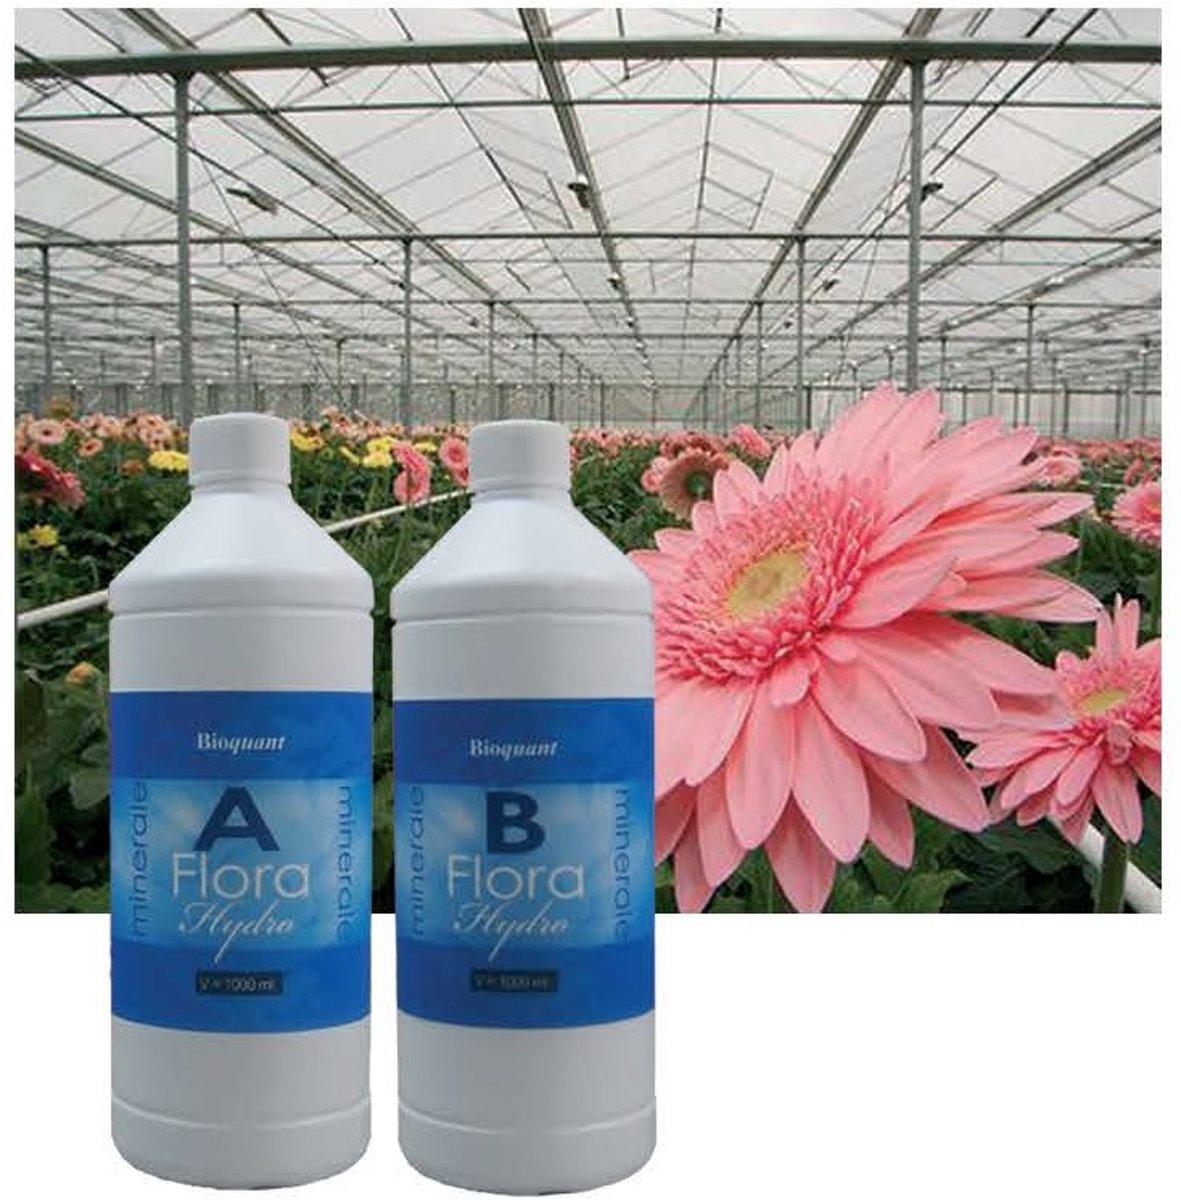 BioQuant, Bio Mineraal Flora 5 Liter(A+B)